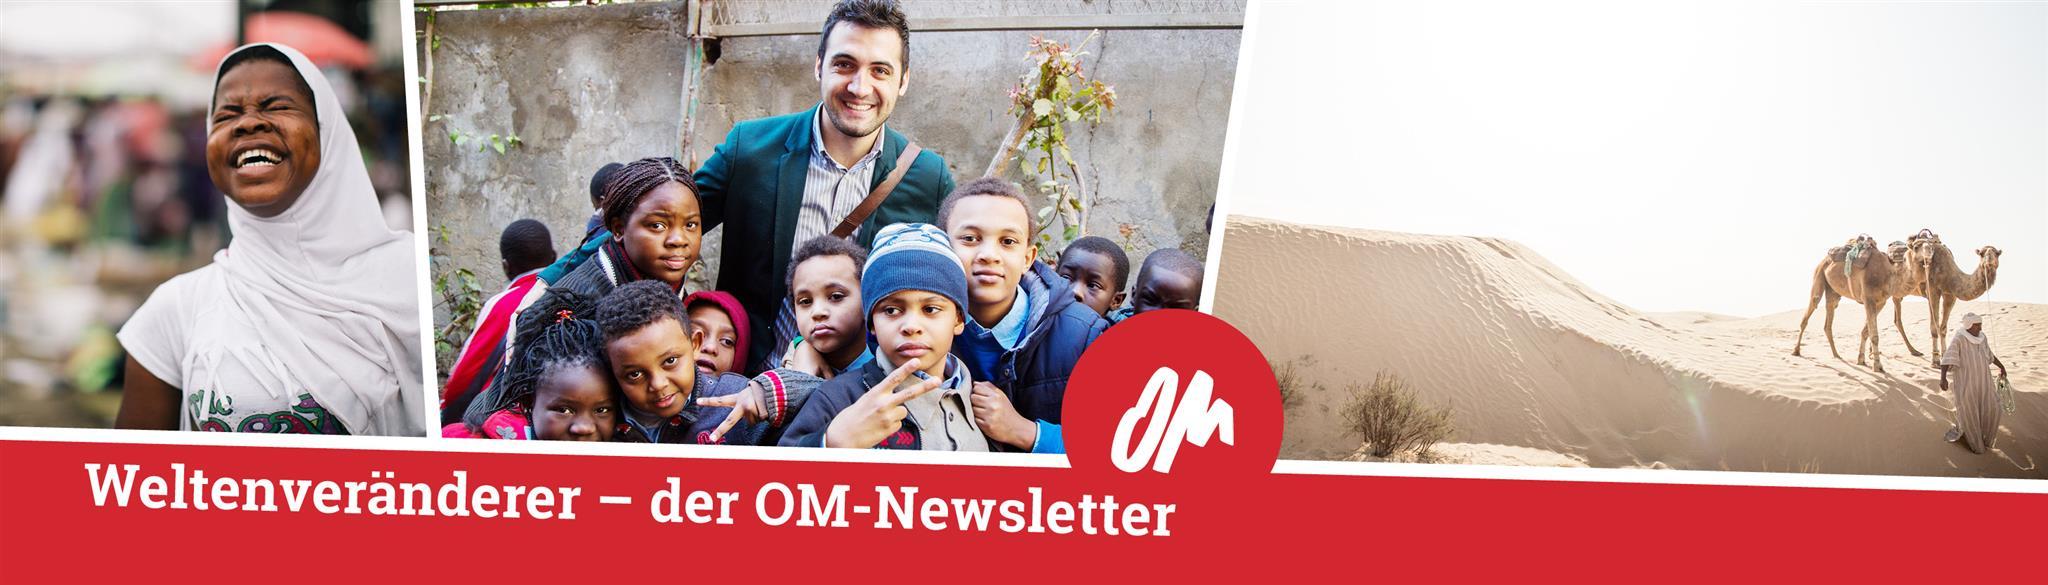 Einladung, den OM-Newsletter #Weltenveränderer zu abonnieren